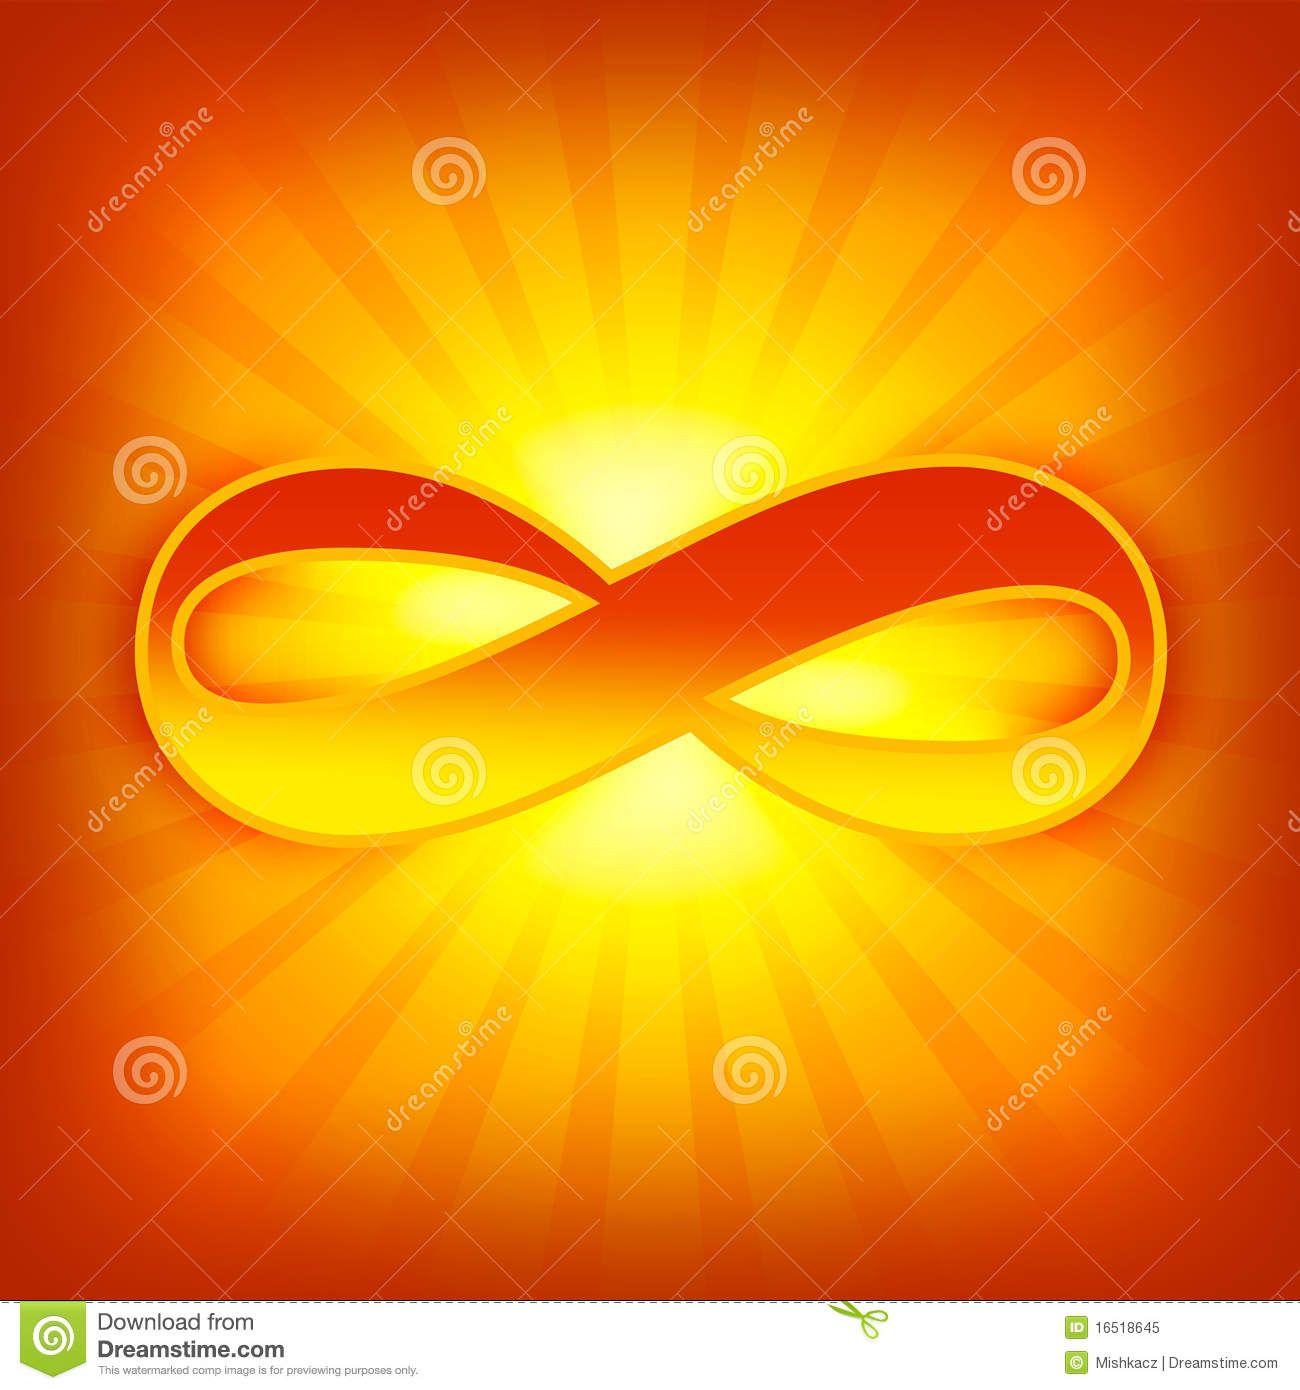 El Simbolo Del Infinito Buscar Con Google Imagenes Pinterest